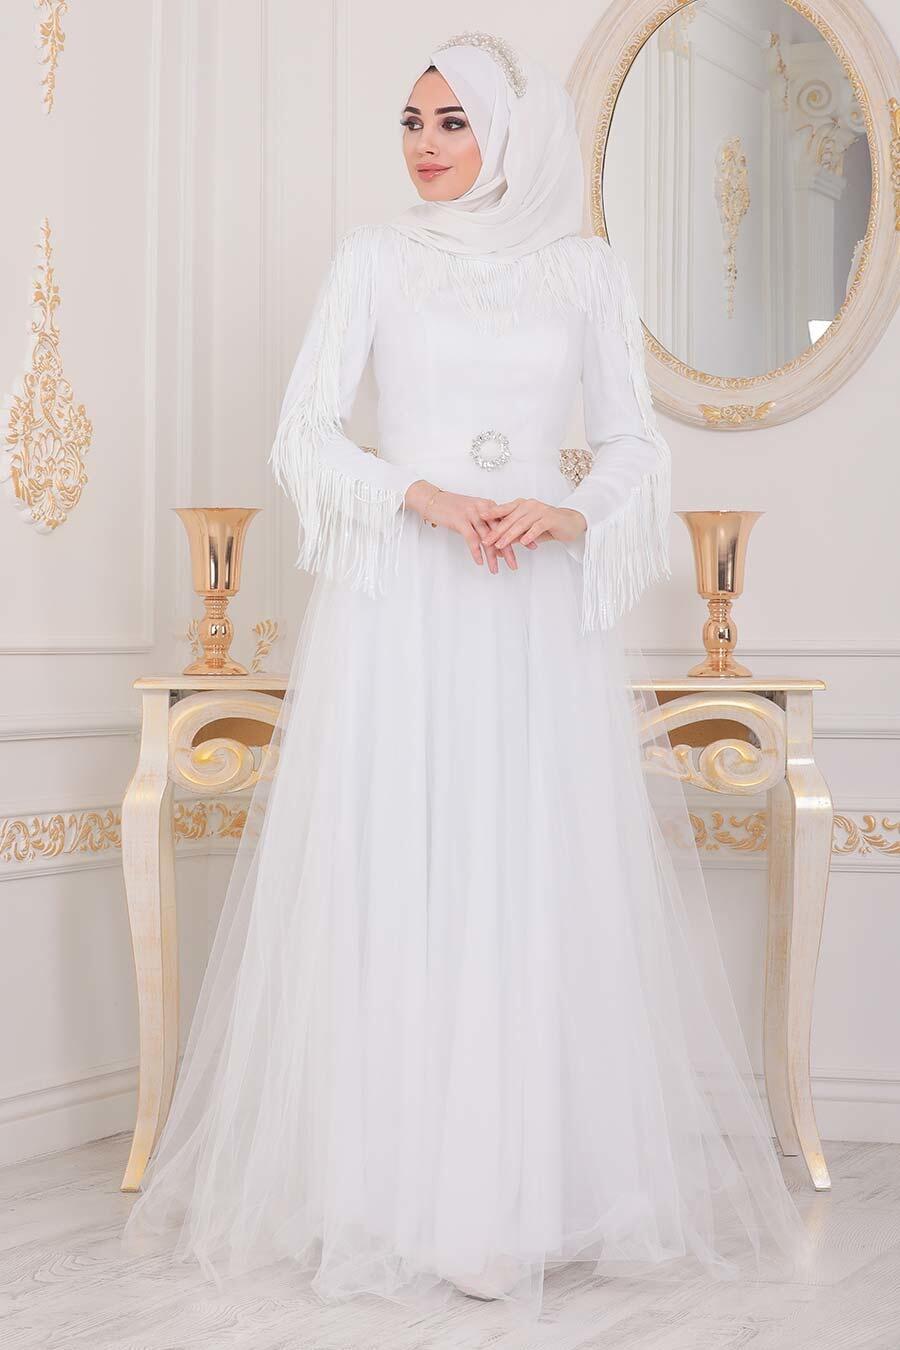 Tesettürlü Abiye Elbise - Püsküllü Beyaz Tesettür Abiye Elbise 40242B